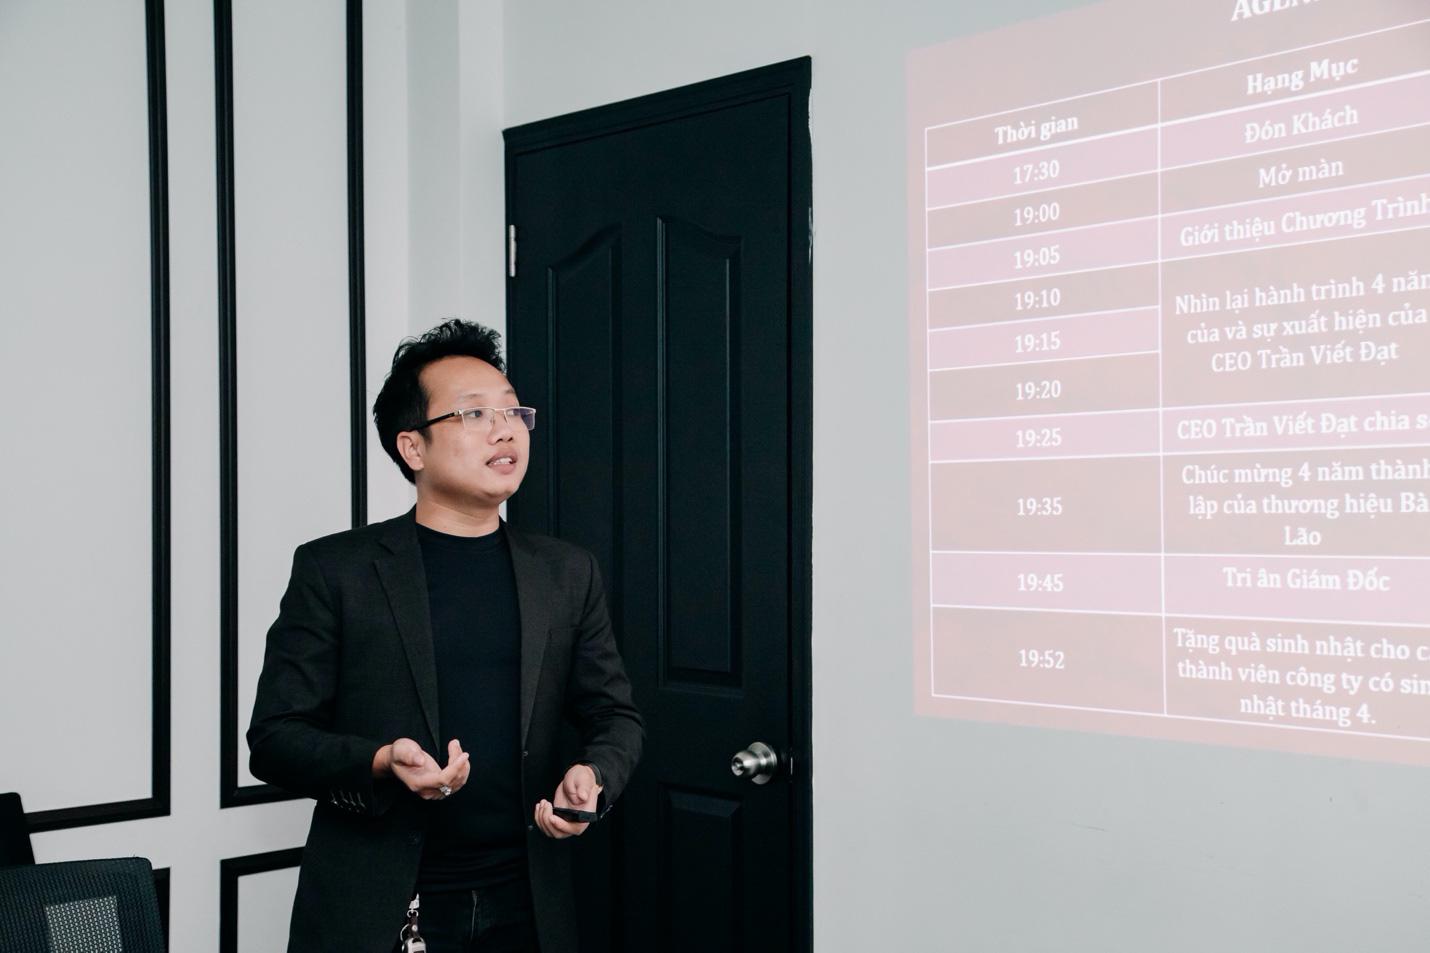 """CEO Hoàng Huy Media Luân Nguyễn – Người """"thổi hồn cảm xúc"""" cho nhiều sự kiện - Ảnh 2."""